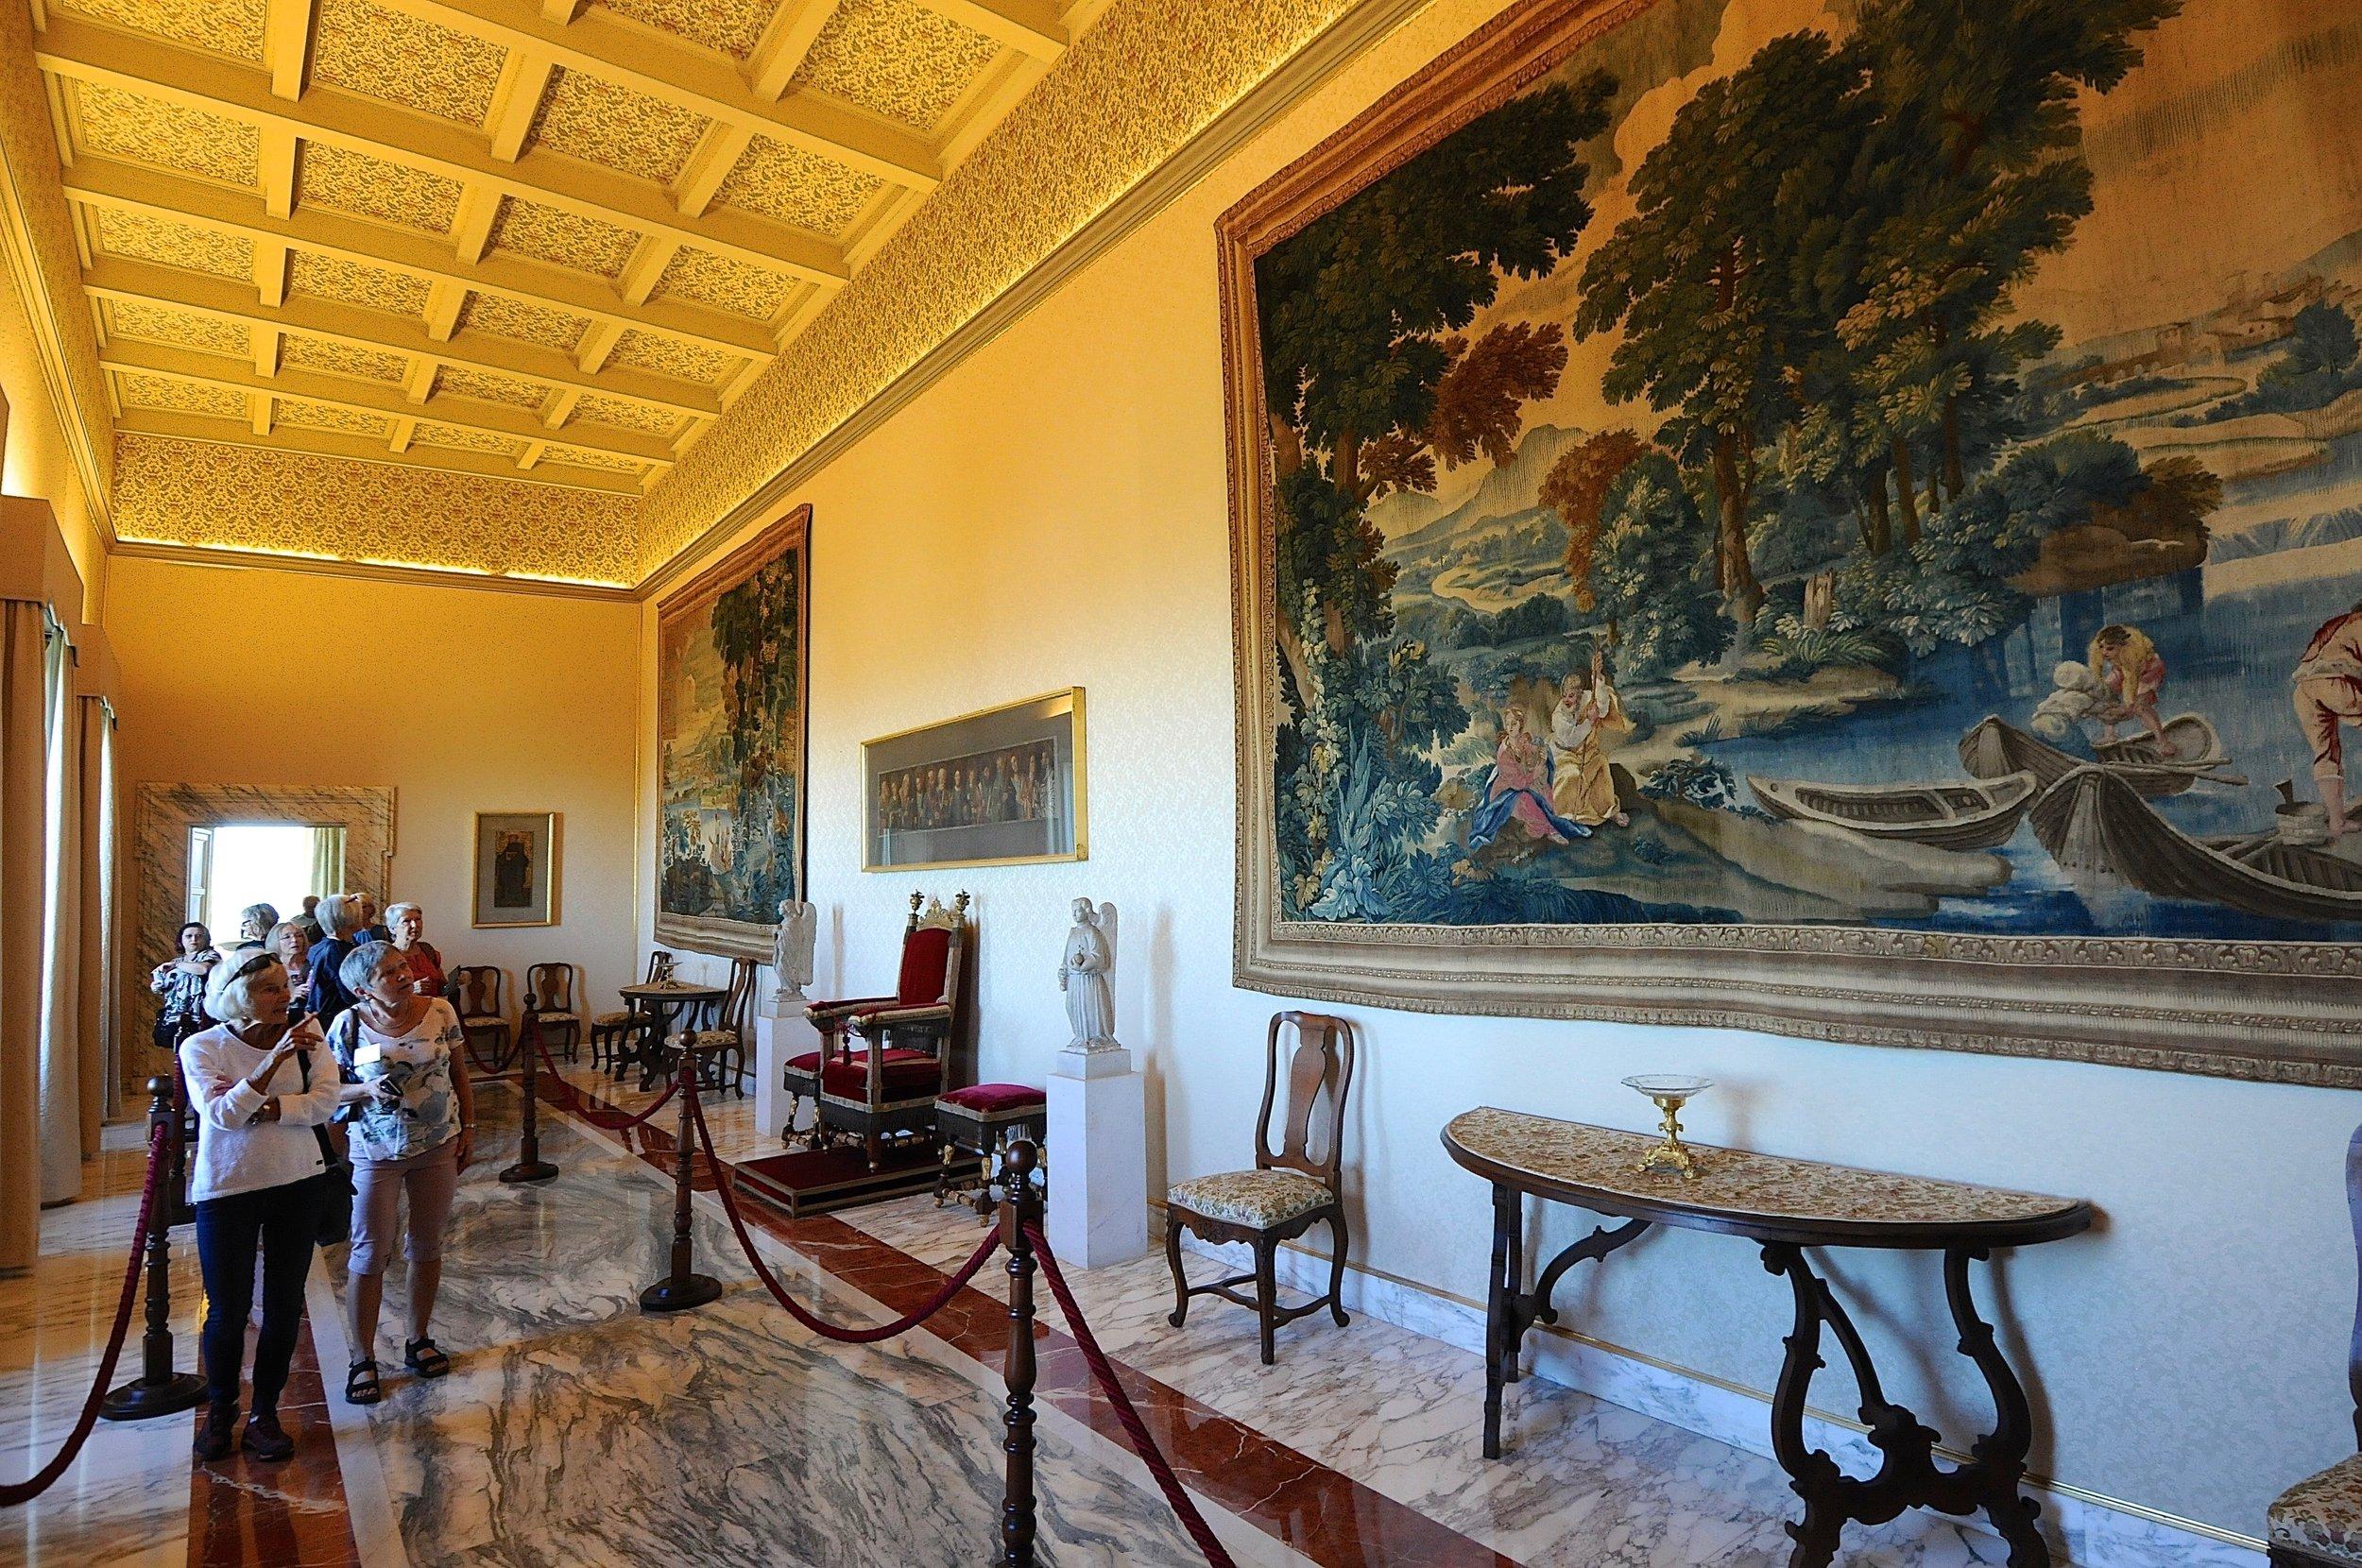 Castel Gandolfo Pavepalasset Foto Kjell Helle-OlsenDSC_9739.JPG